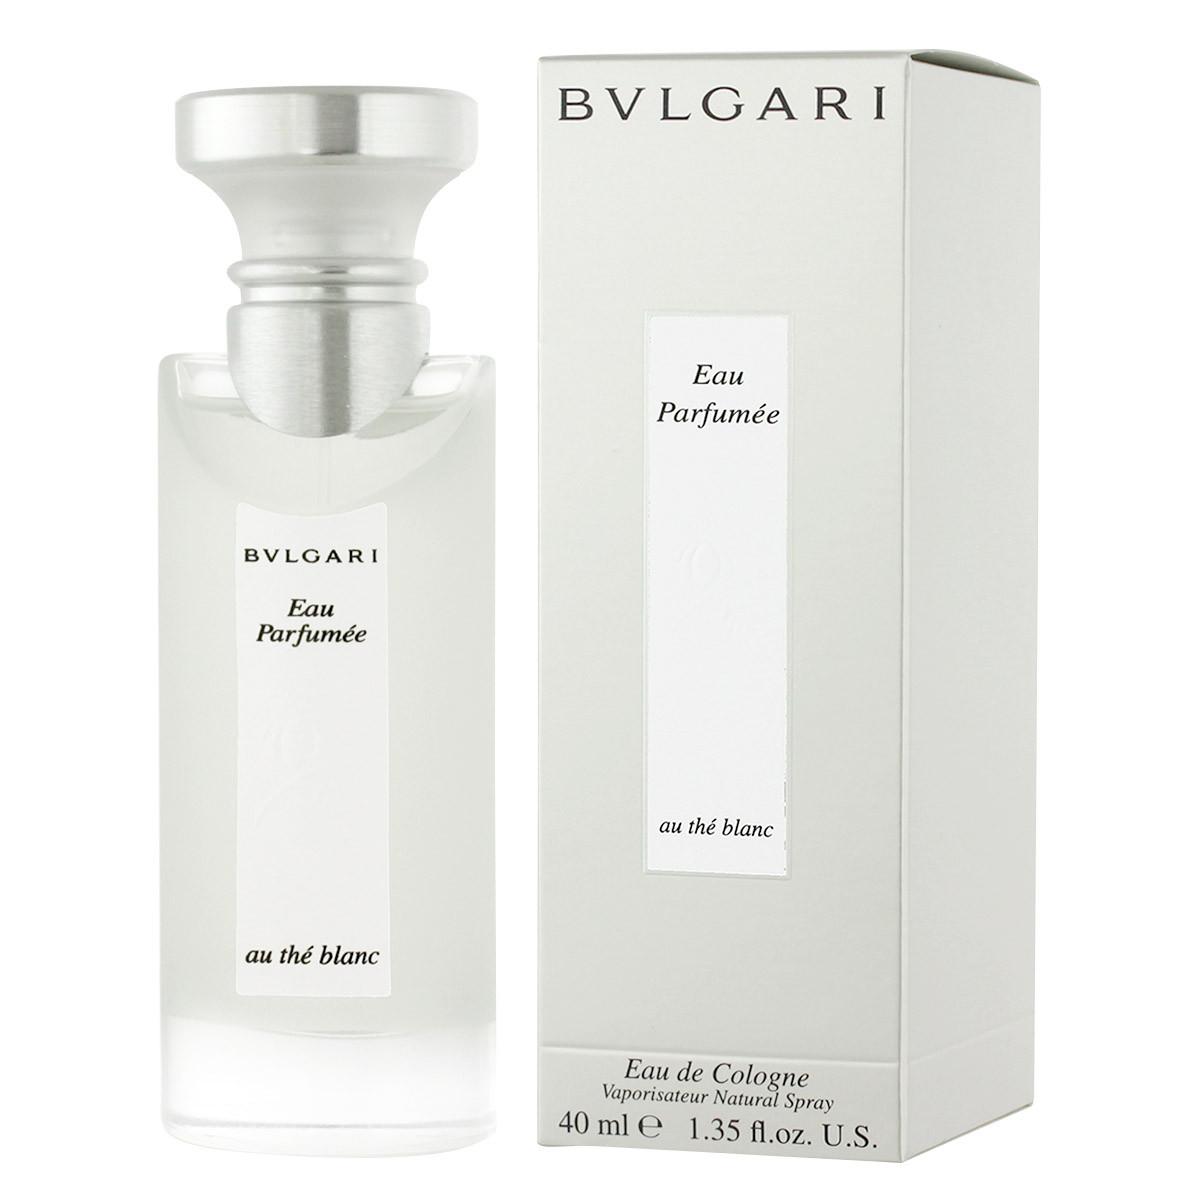 bvlgari eau parfum e au th blanc eau de cologne 40 ml. Black Bedroom Furniture Sets. Home Design Ideas